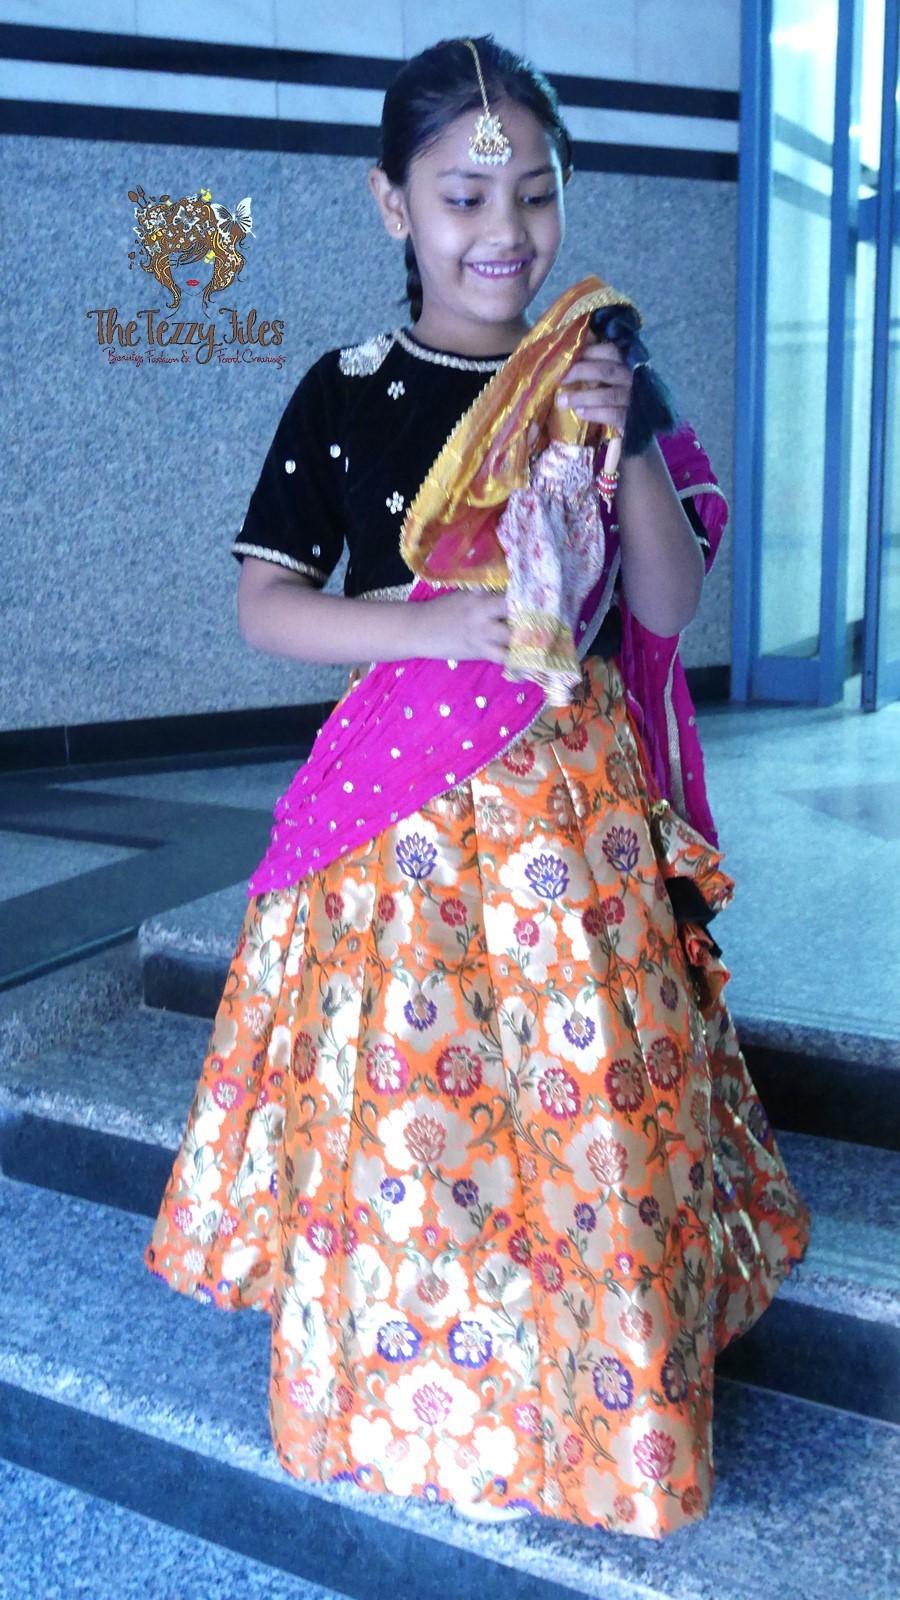 fayon-kids-indian-childrens-fashion-ethnic-lehenga-ghagra-child-mummy-blogger-indian-blog-fashion-dubai-uae-numaish-barbie-4